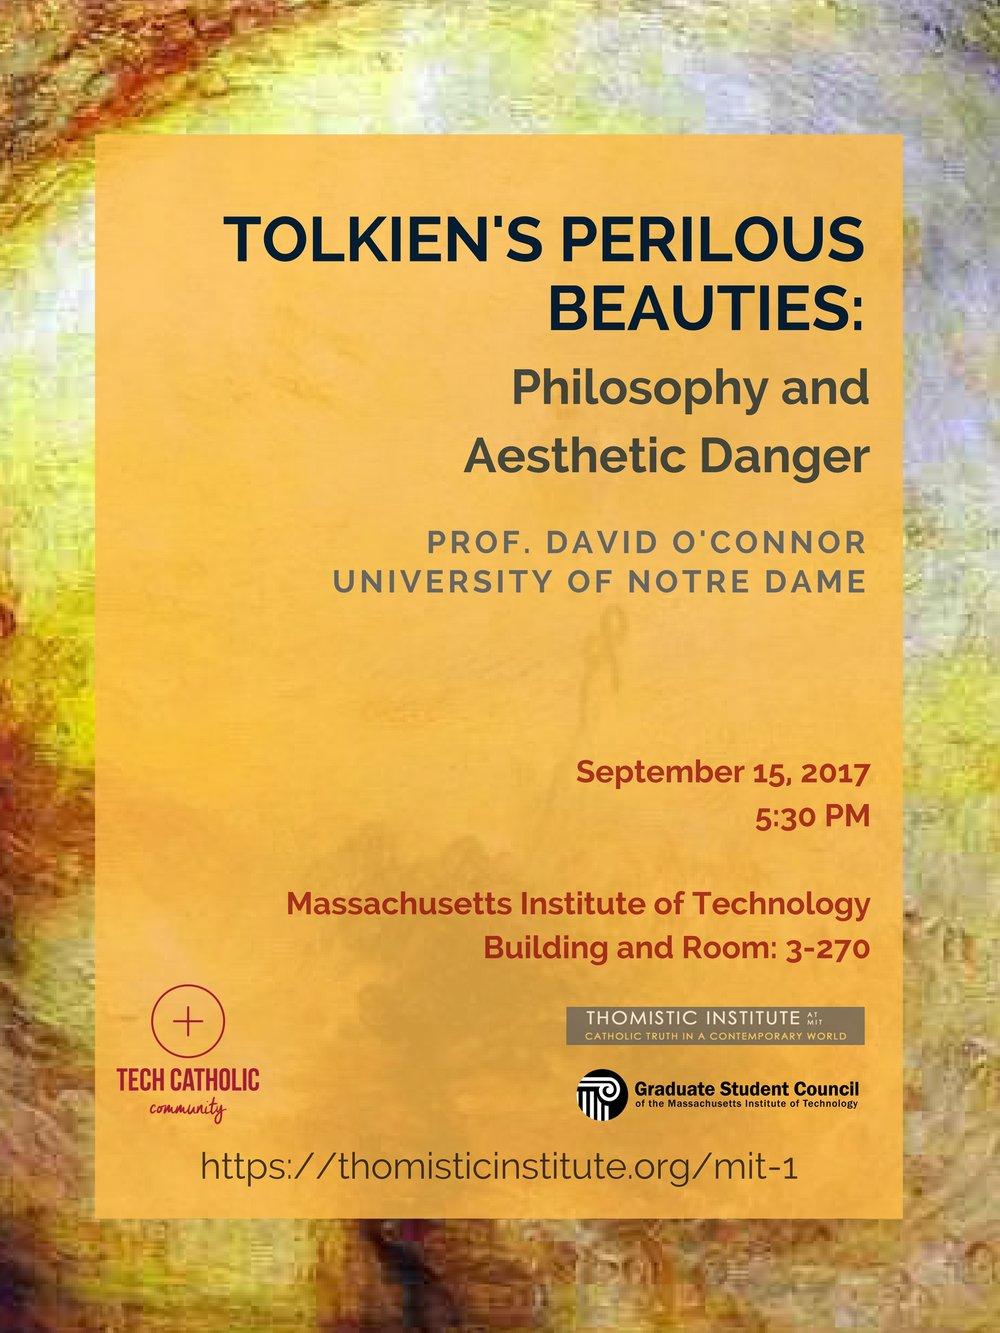 Tolkien MIT.jpg